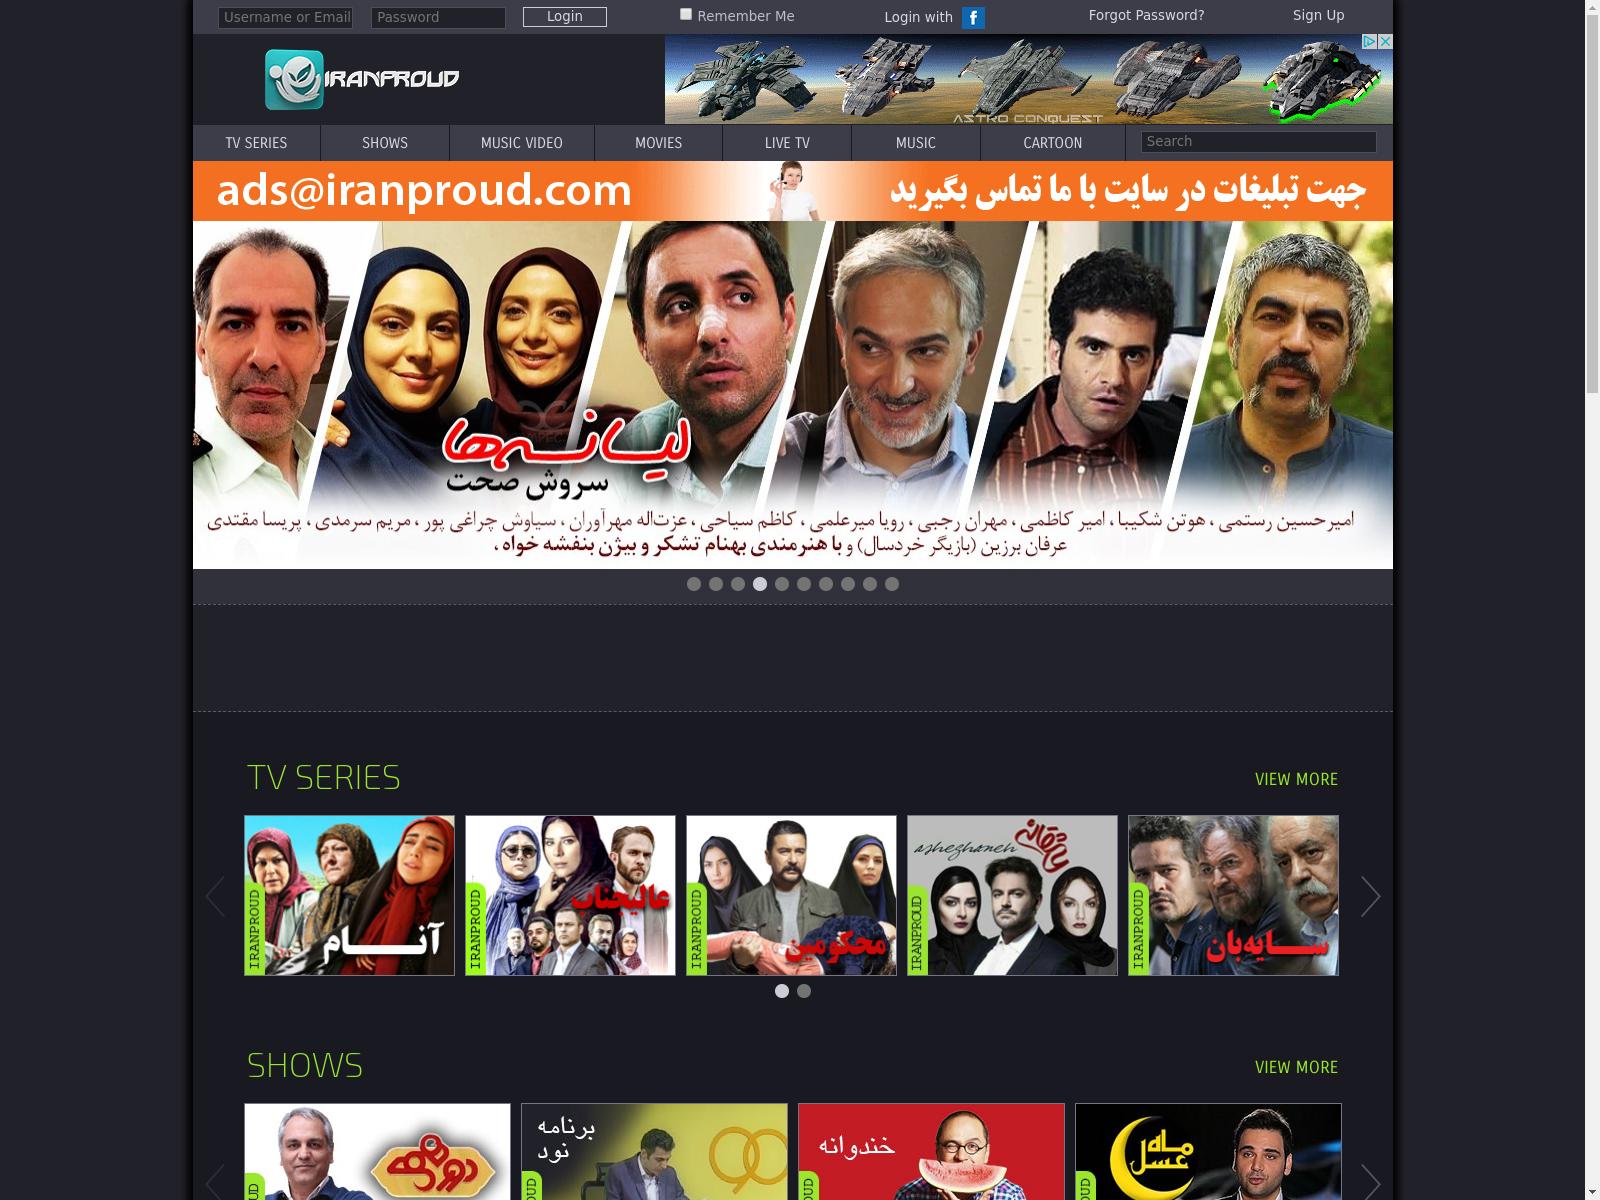 Iran Proud